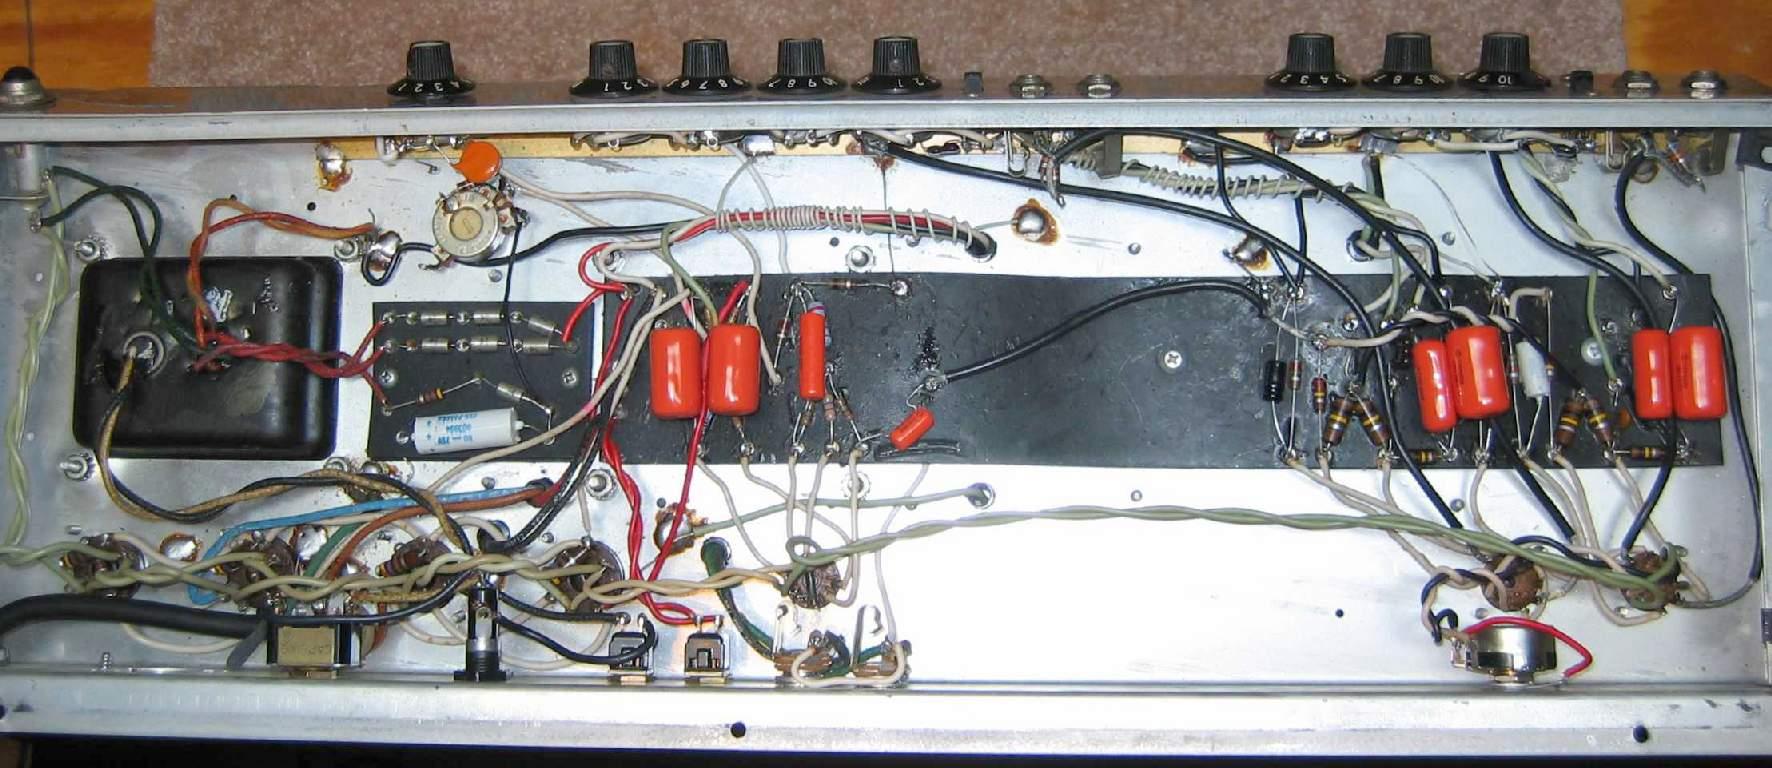 Regis's Fender Bassman 100